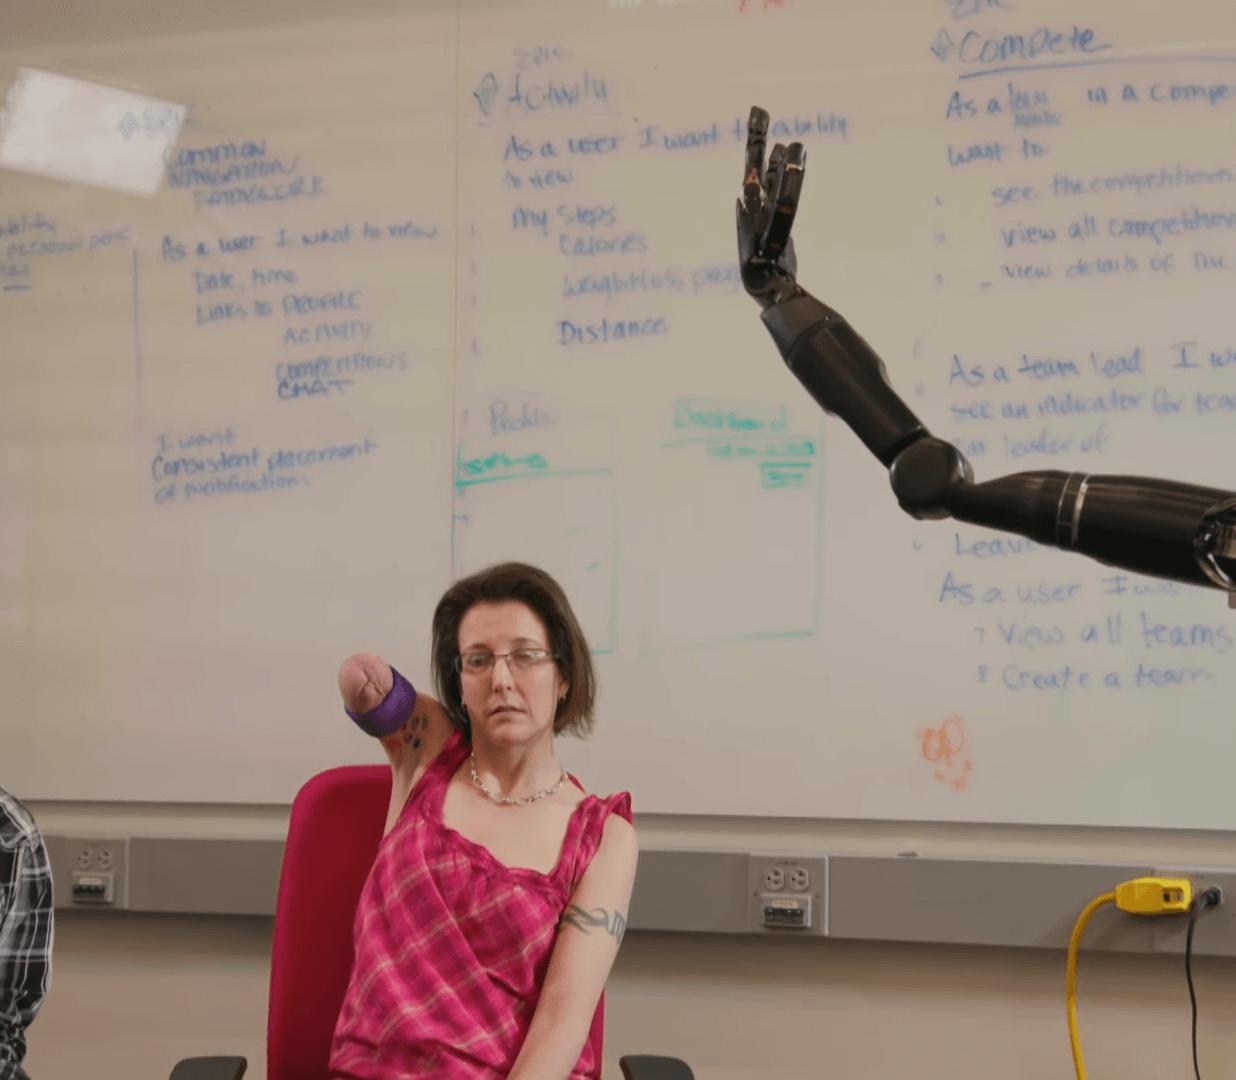 Captura de Tela 49 - Nova geração de próteses biônicas pode revolucionar a sociedade